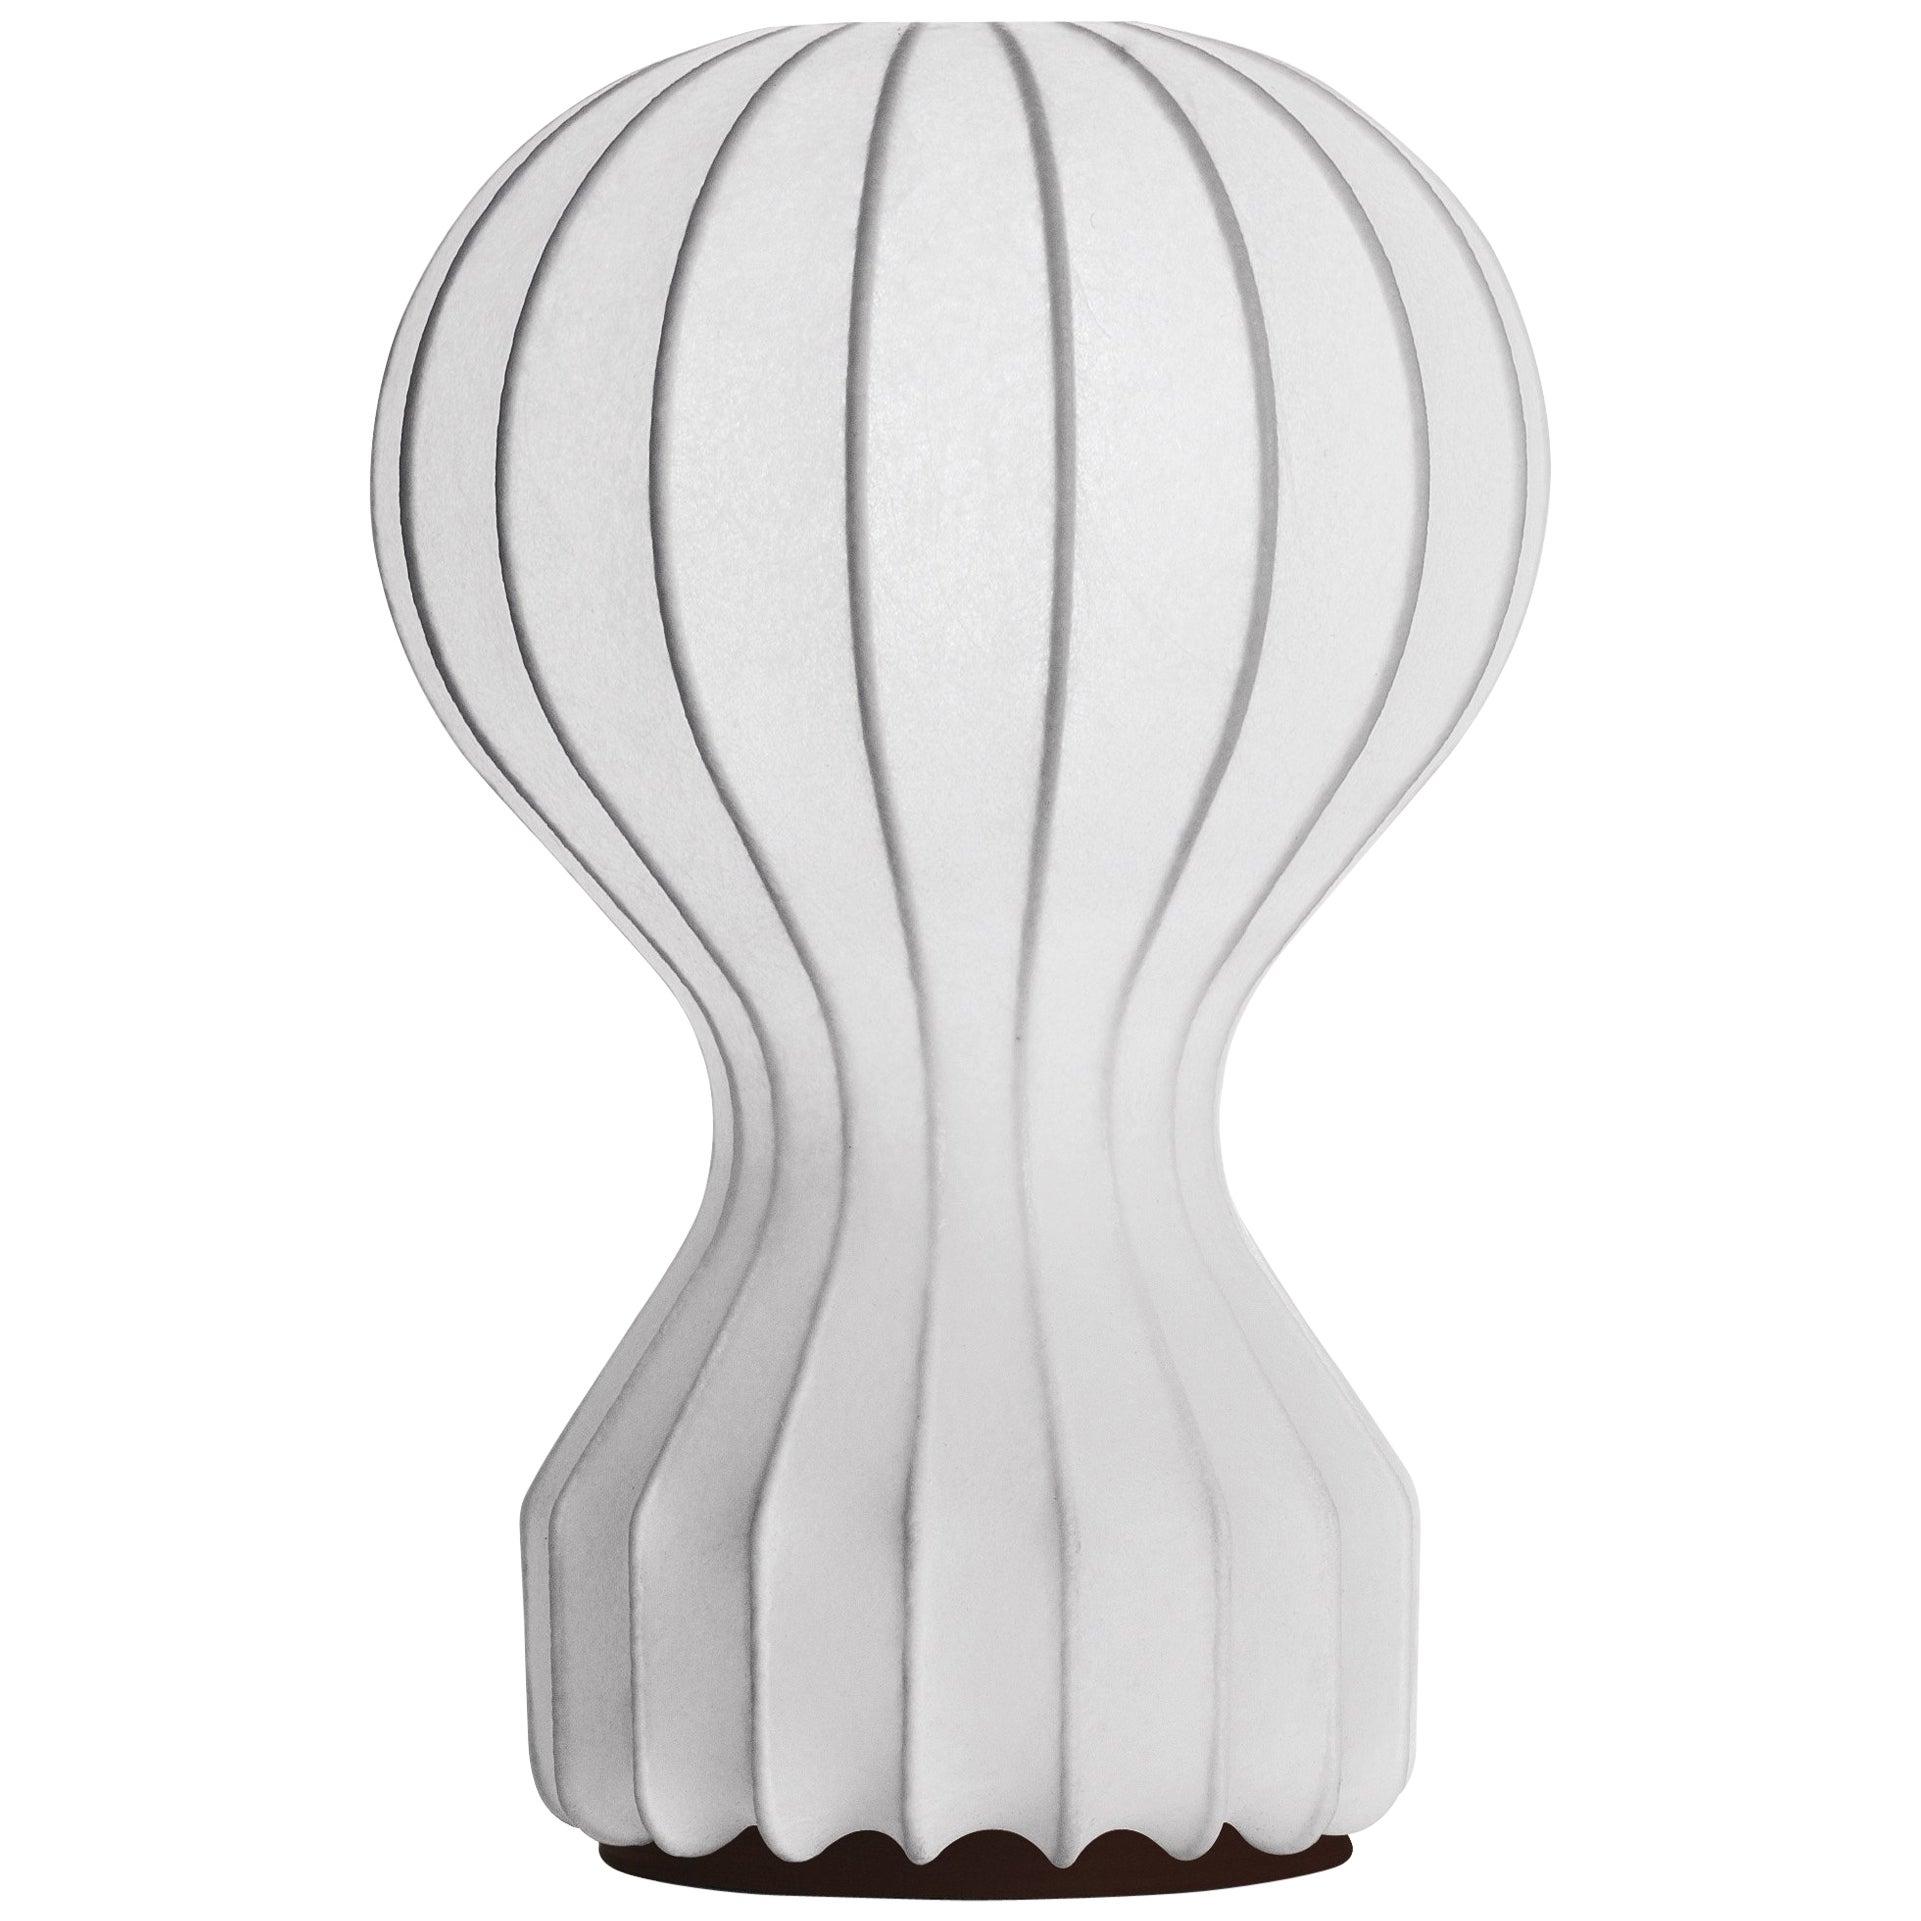 FLOS Gatto Table Lamp by Achille & Pier Giacomo Castiglioni